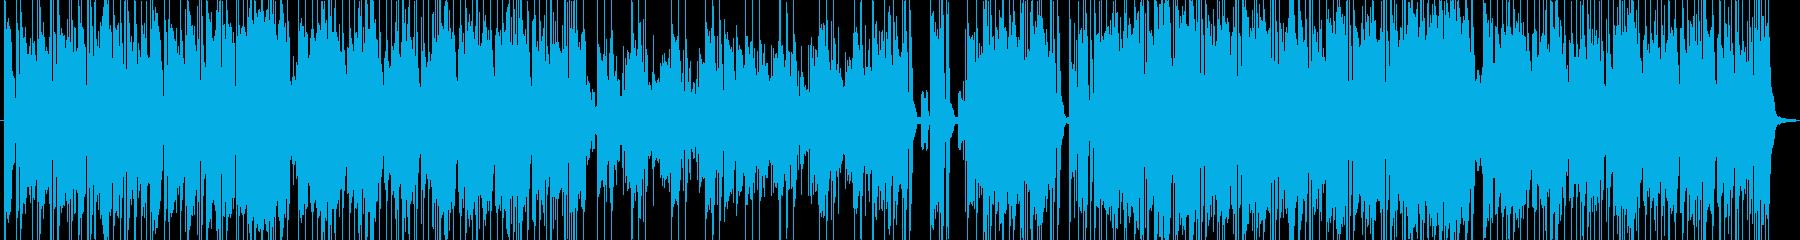 明るくかっこいいポップフュージョンの再生済みの波形